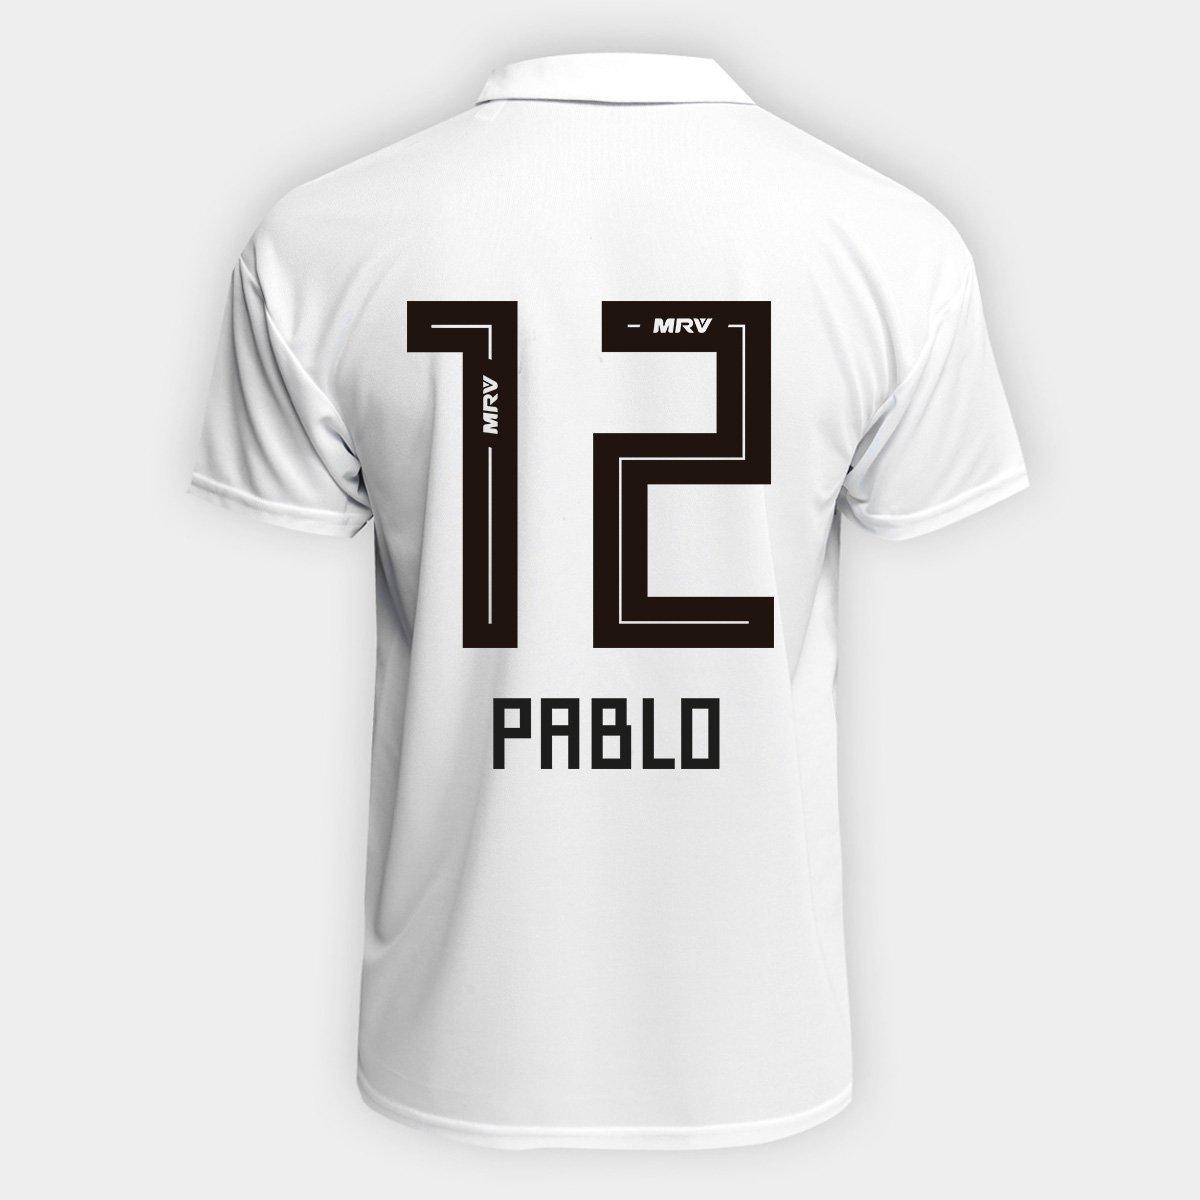 810757b0bde Camisa São Paulo I 2018 n° 12 Pablo Torcedor Adidas Masculina - Compre  Agora